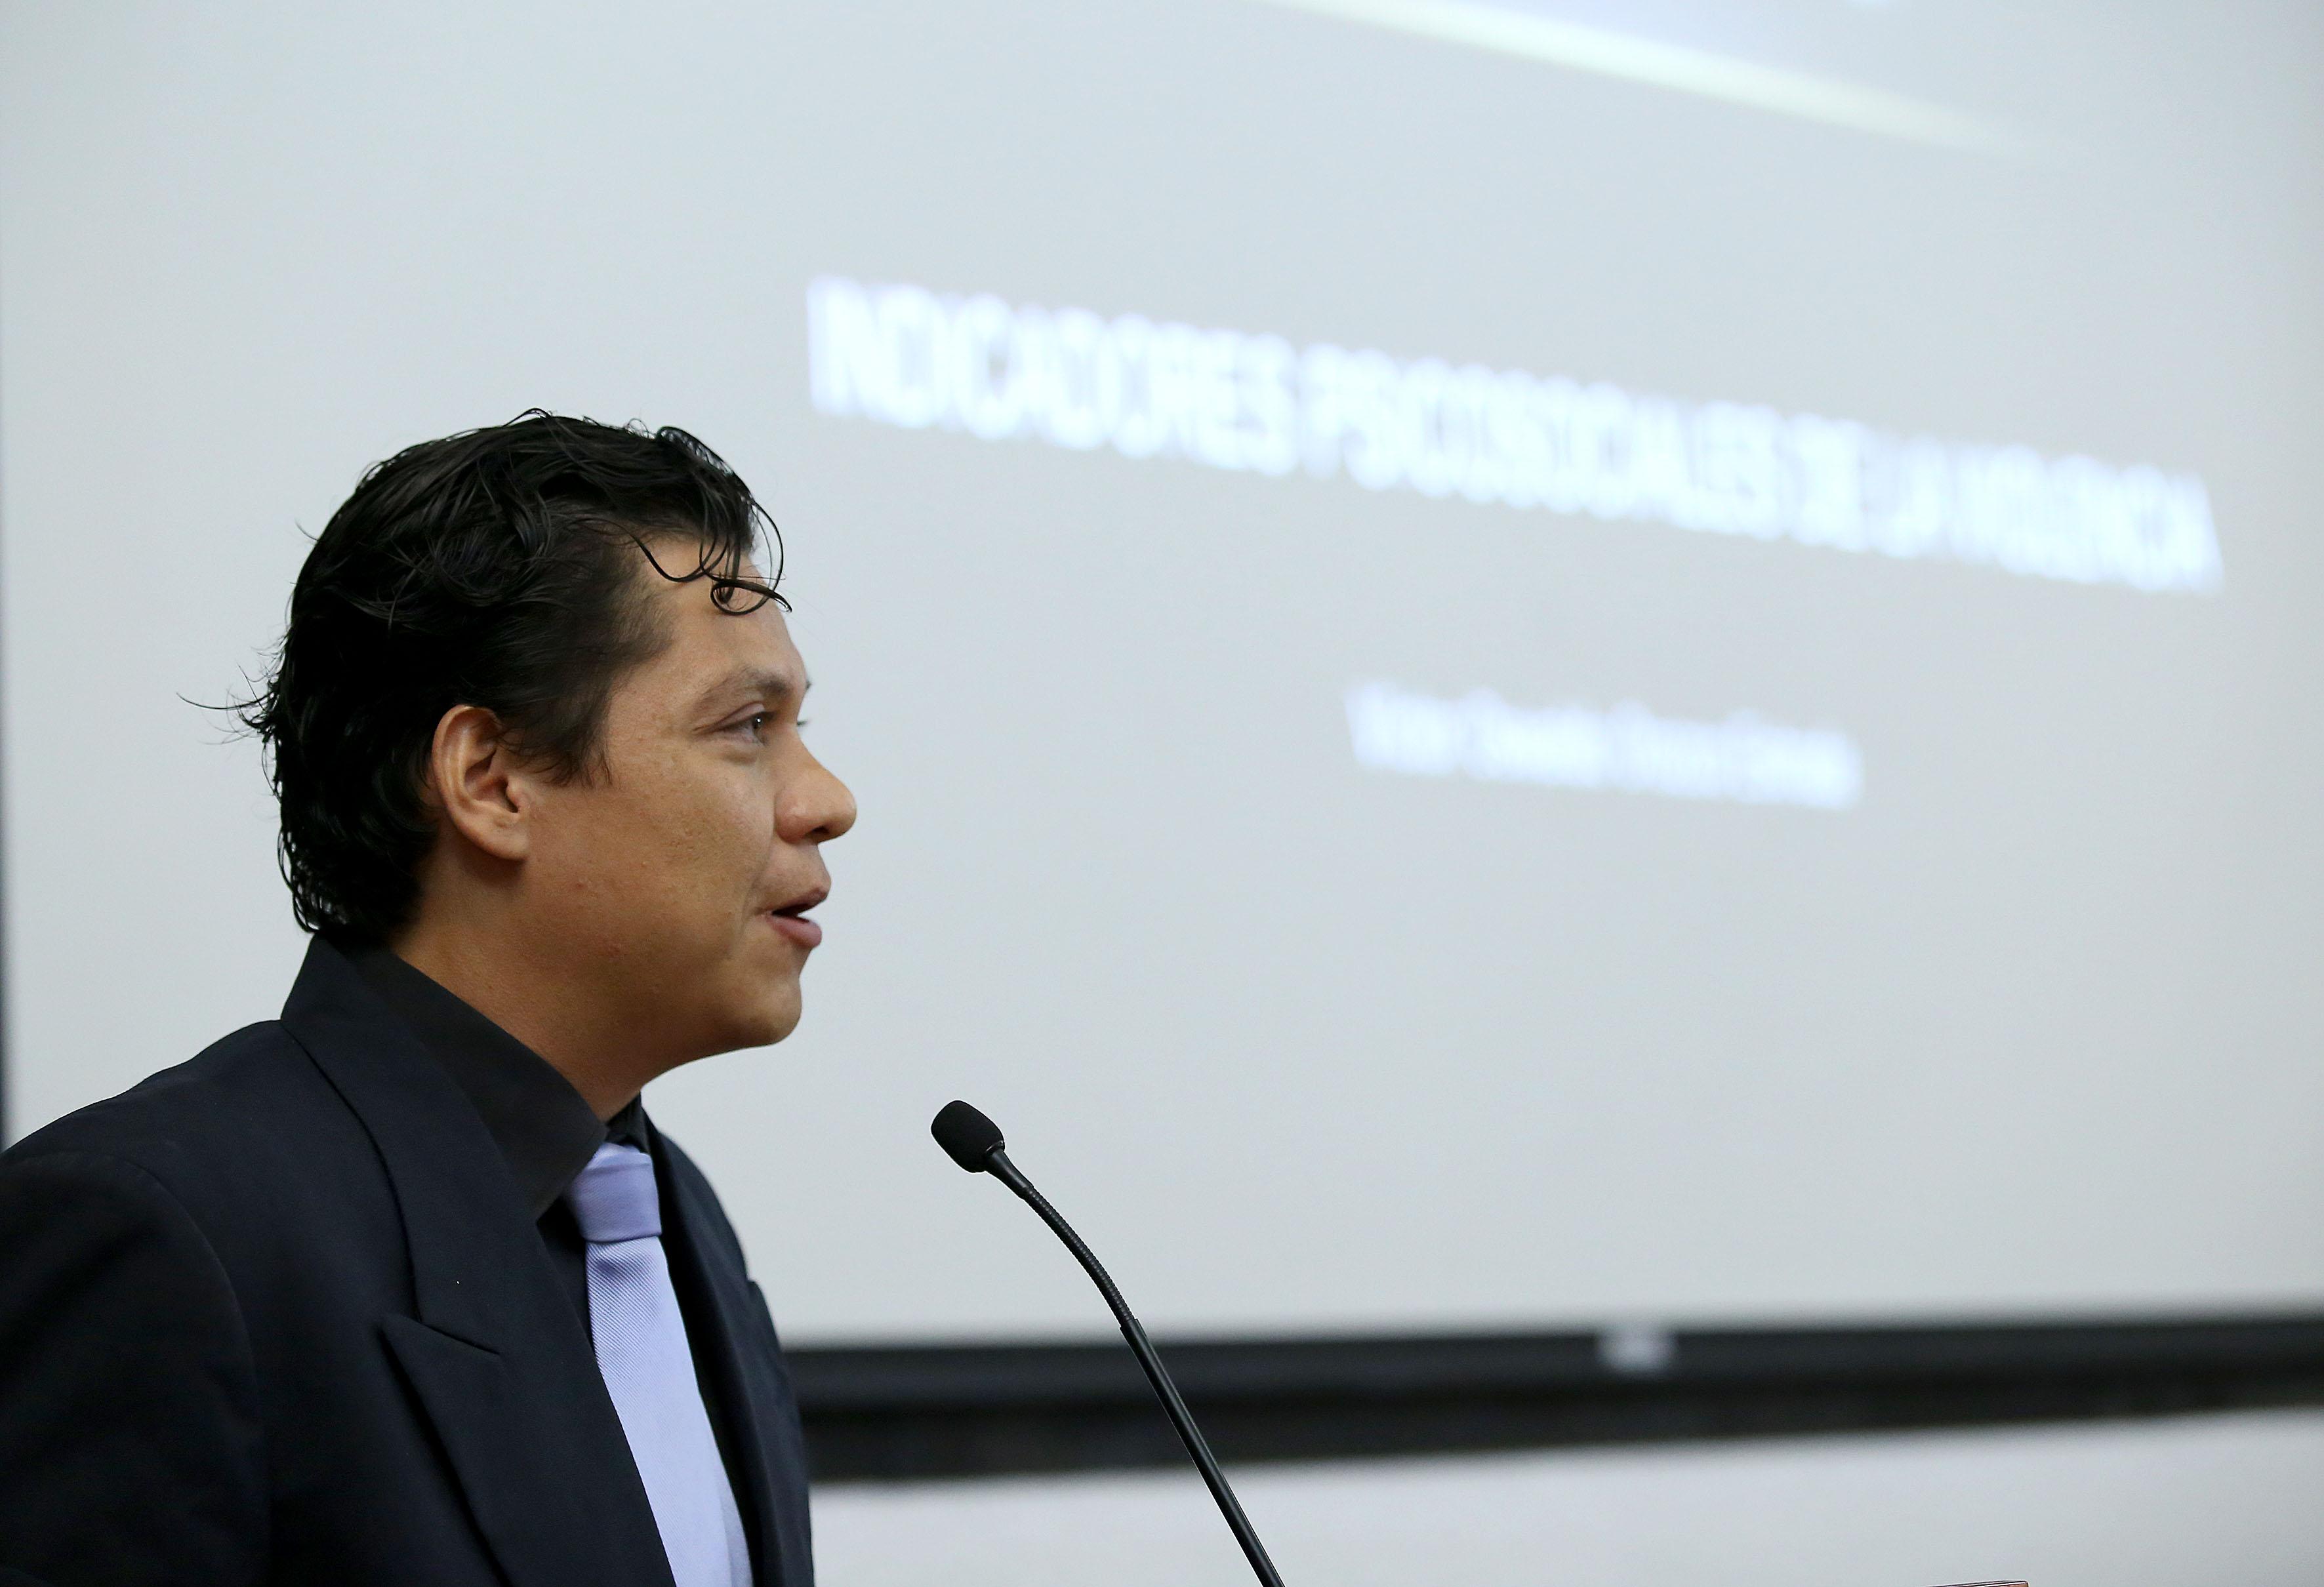 Psicólogo impartiendo conferencia magistral